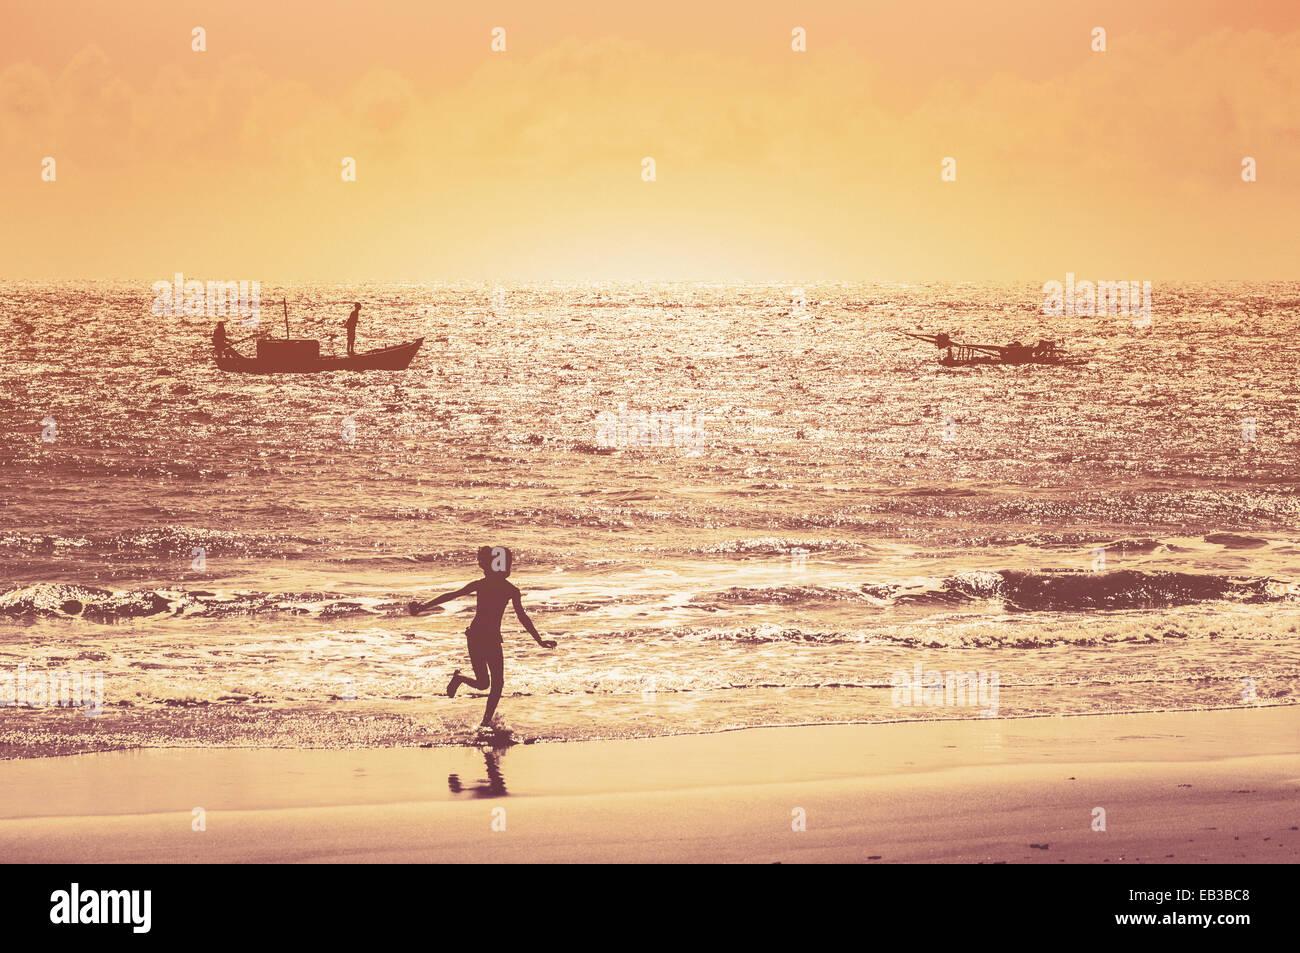 Brésil, Pirangi, Rio Grande do Norte, fille courir sur la plage pendant le coucher du soleil Photo Stock